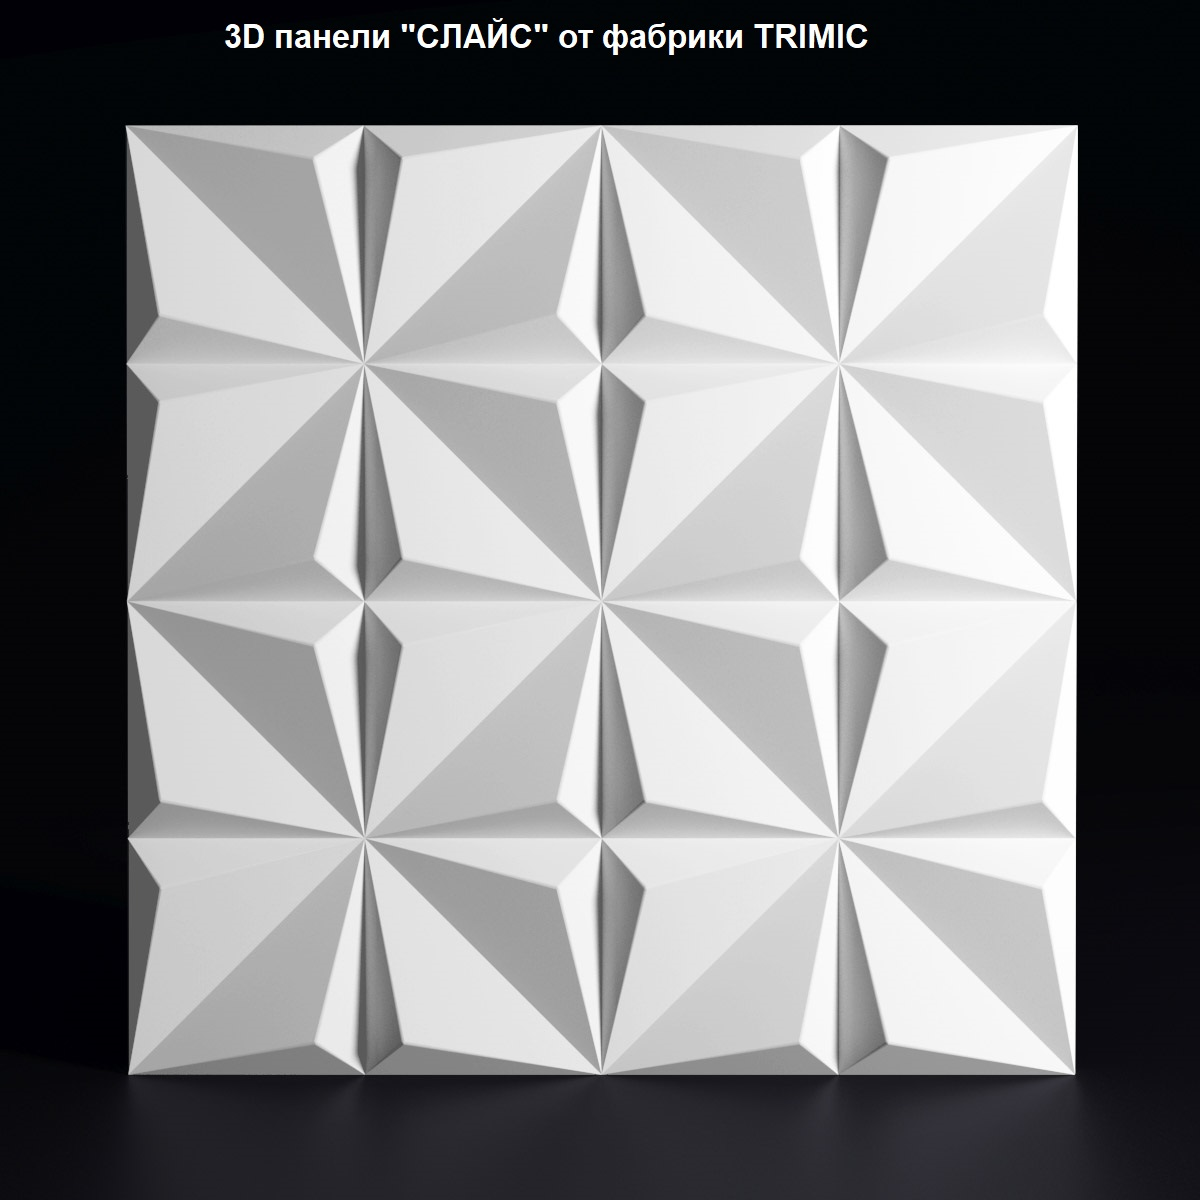 """Представляем Вашему вниманию оригинальную гипсовую 3D панель из гипса """"СЛАЙС""""для интерьерного оформления стен."""